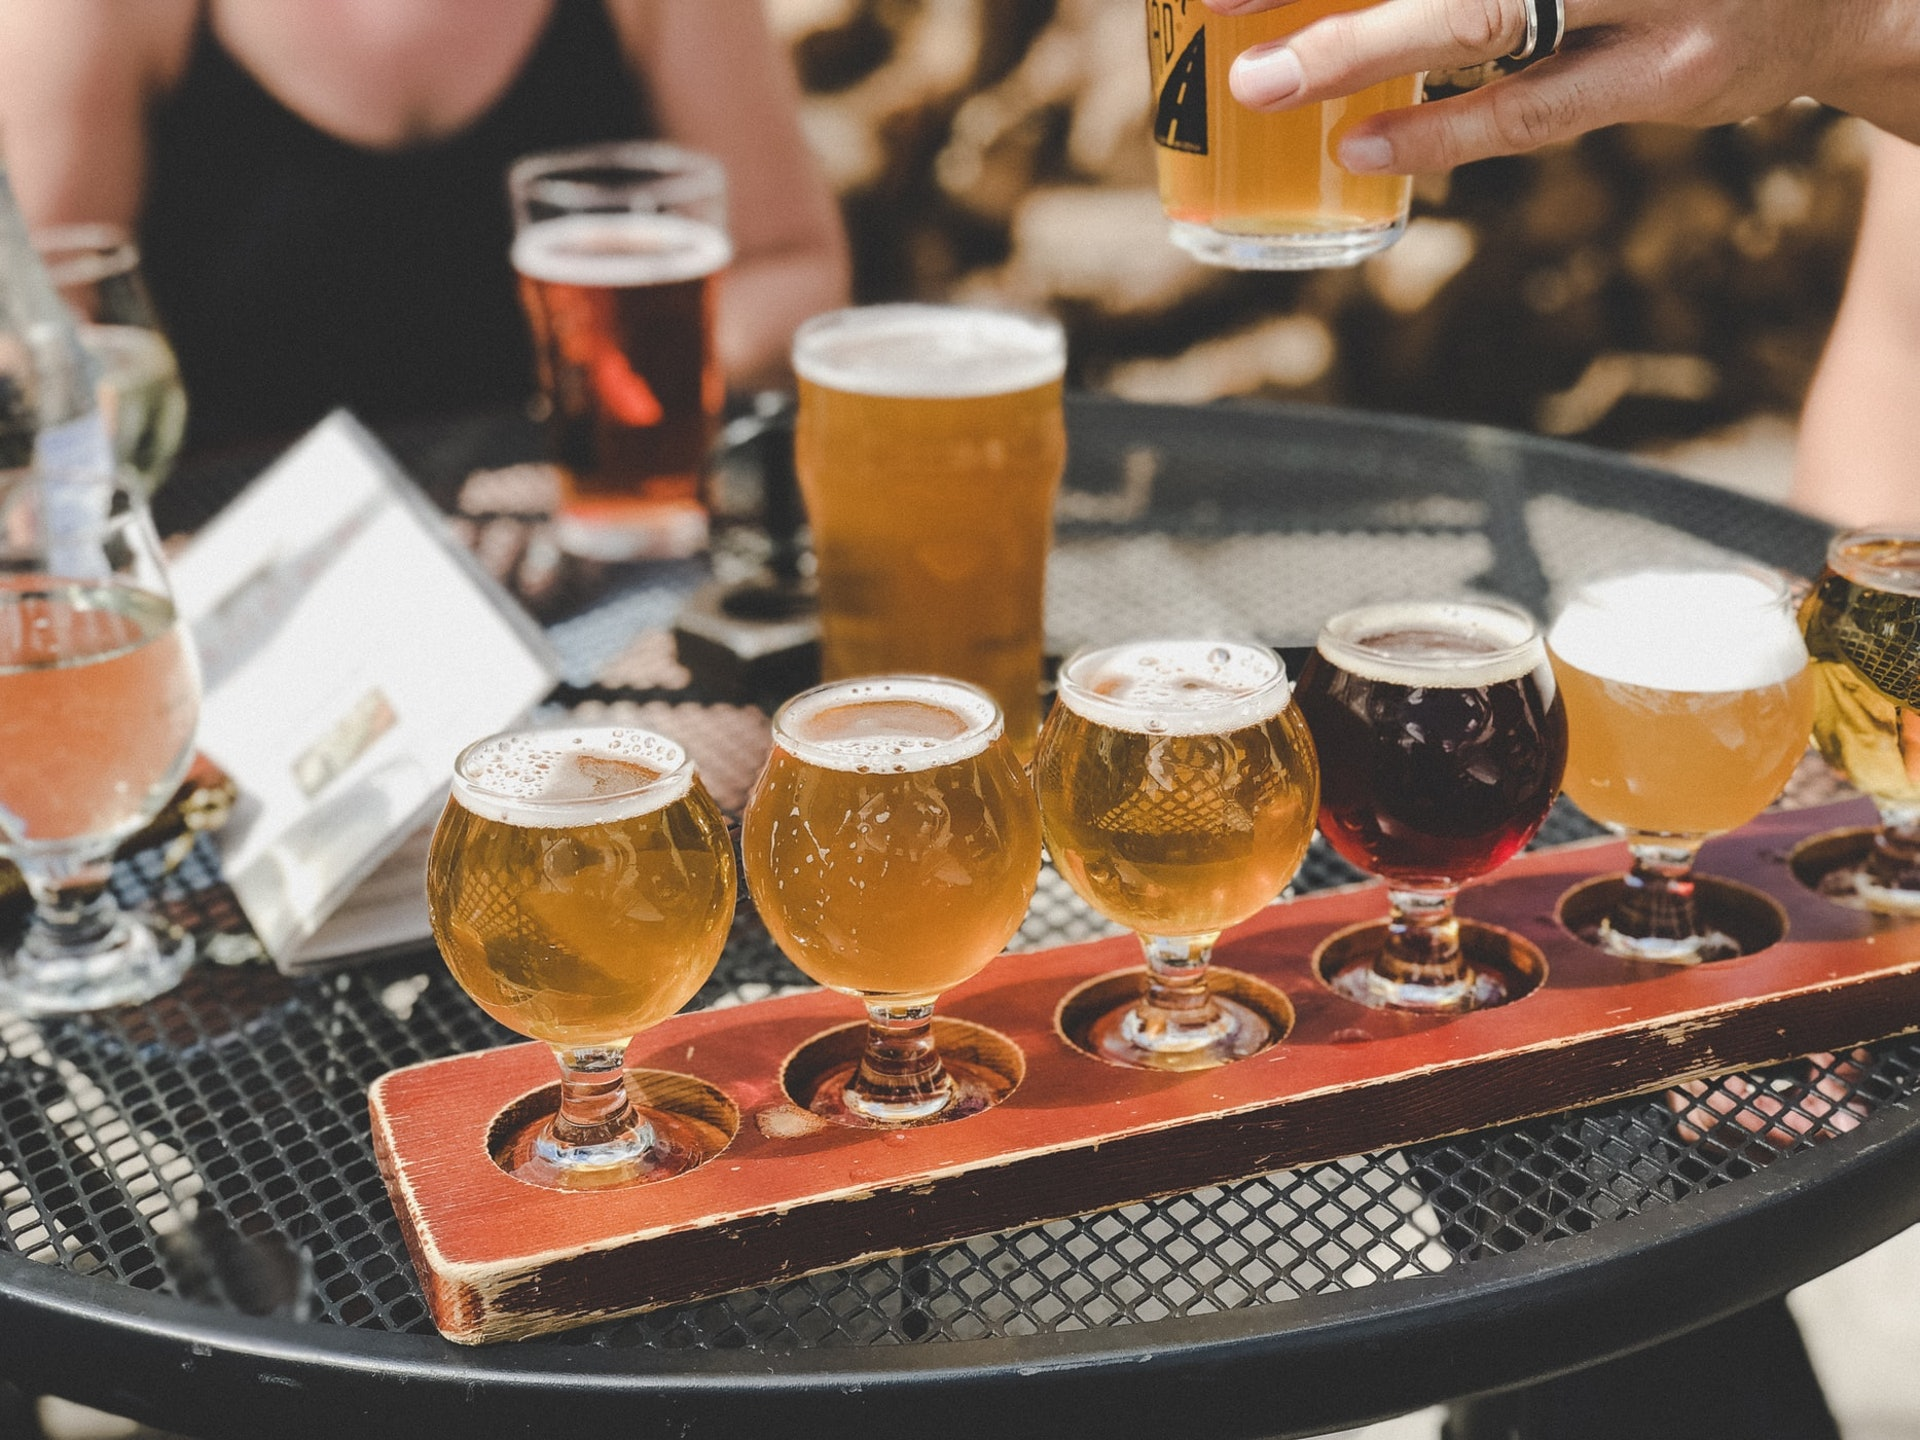 烘焙程度愈高,麥芽及所釀出來的啤酒顏色則愈深,而口味也更為濃郁,正是黑啤的由來。(圖片來源:Unsplash@tata186)